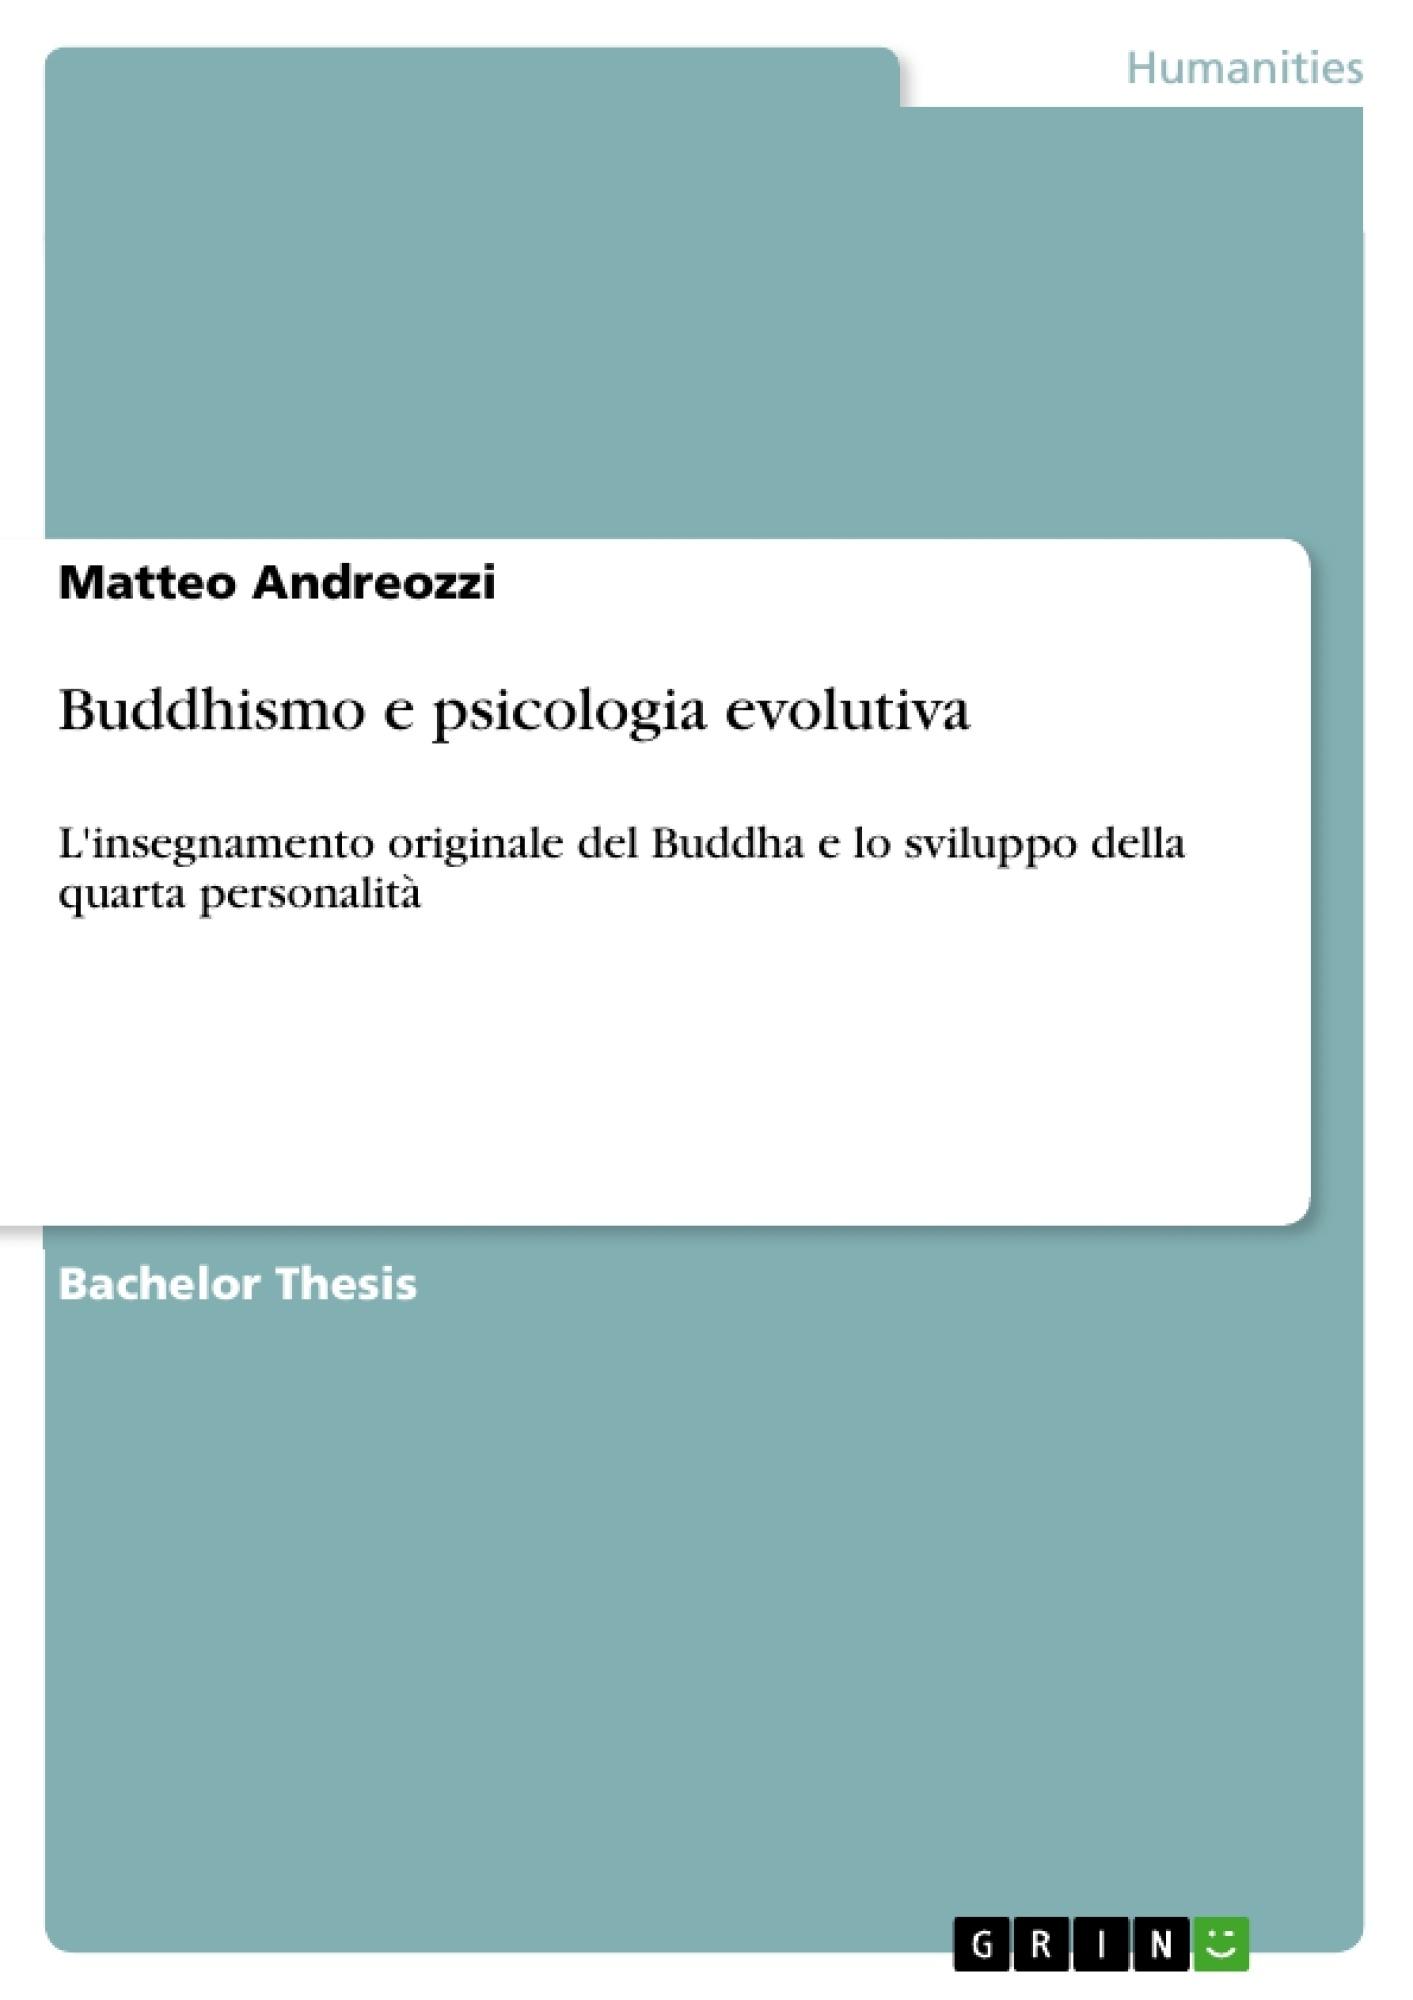 Title: Buddhismo e psicologia evolutiva